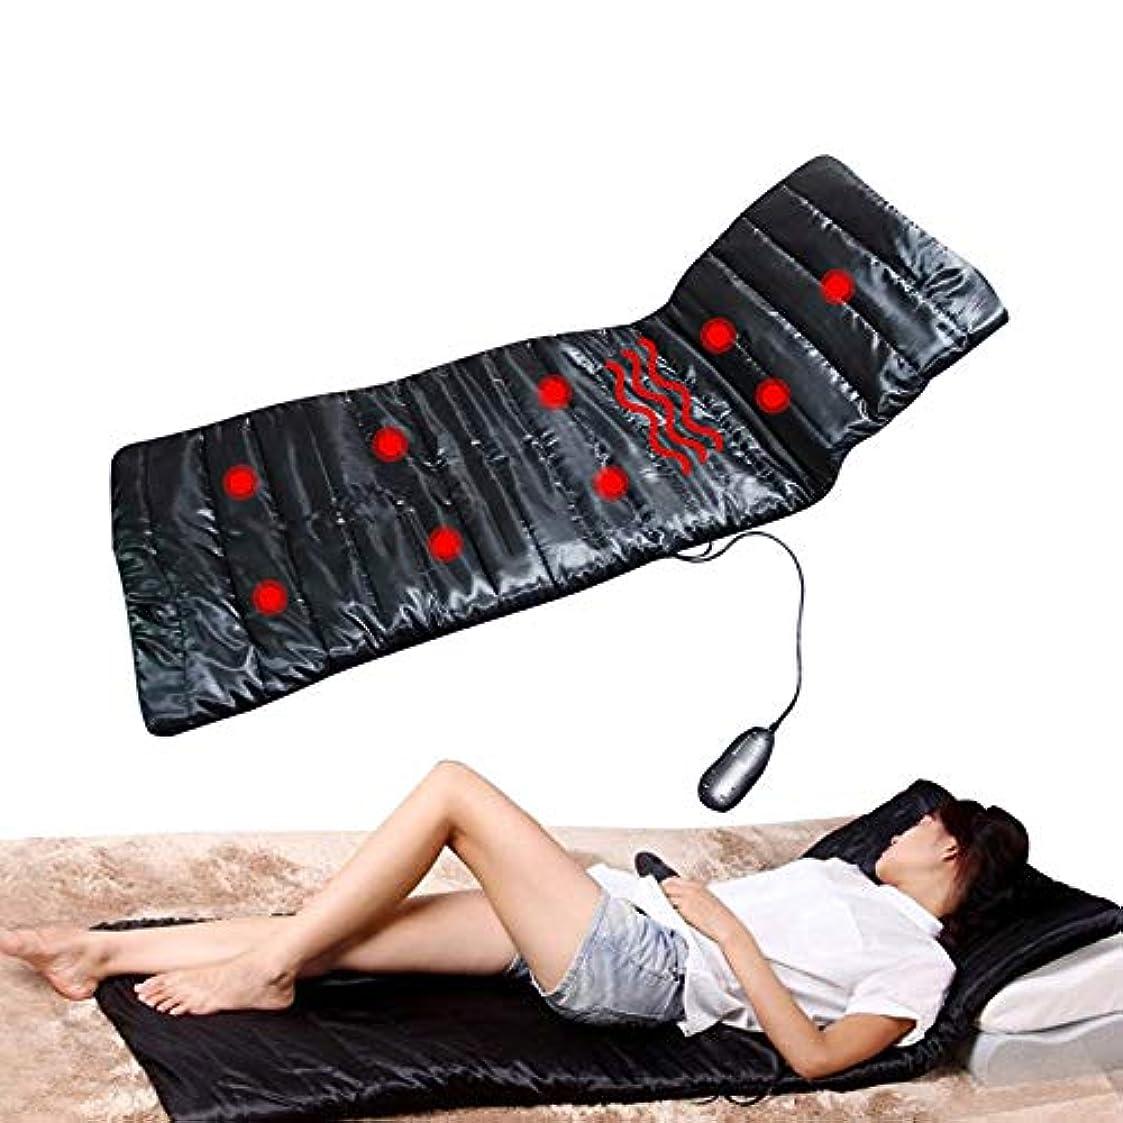 明るくするであること松の木マッサージマットレス暖房振動マッサージスナイパー羽ばたき体の痛みボディマッサージネックバックウエストレッグマッサージ